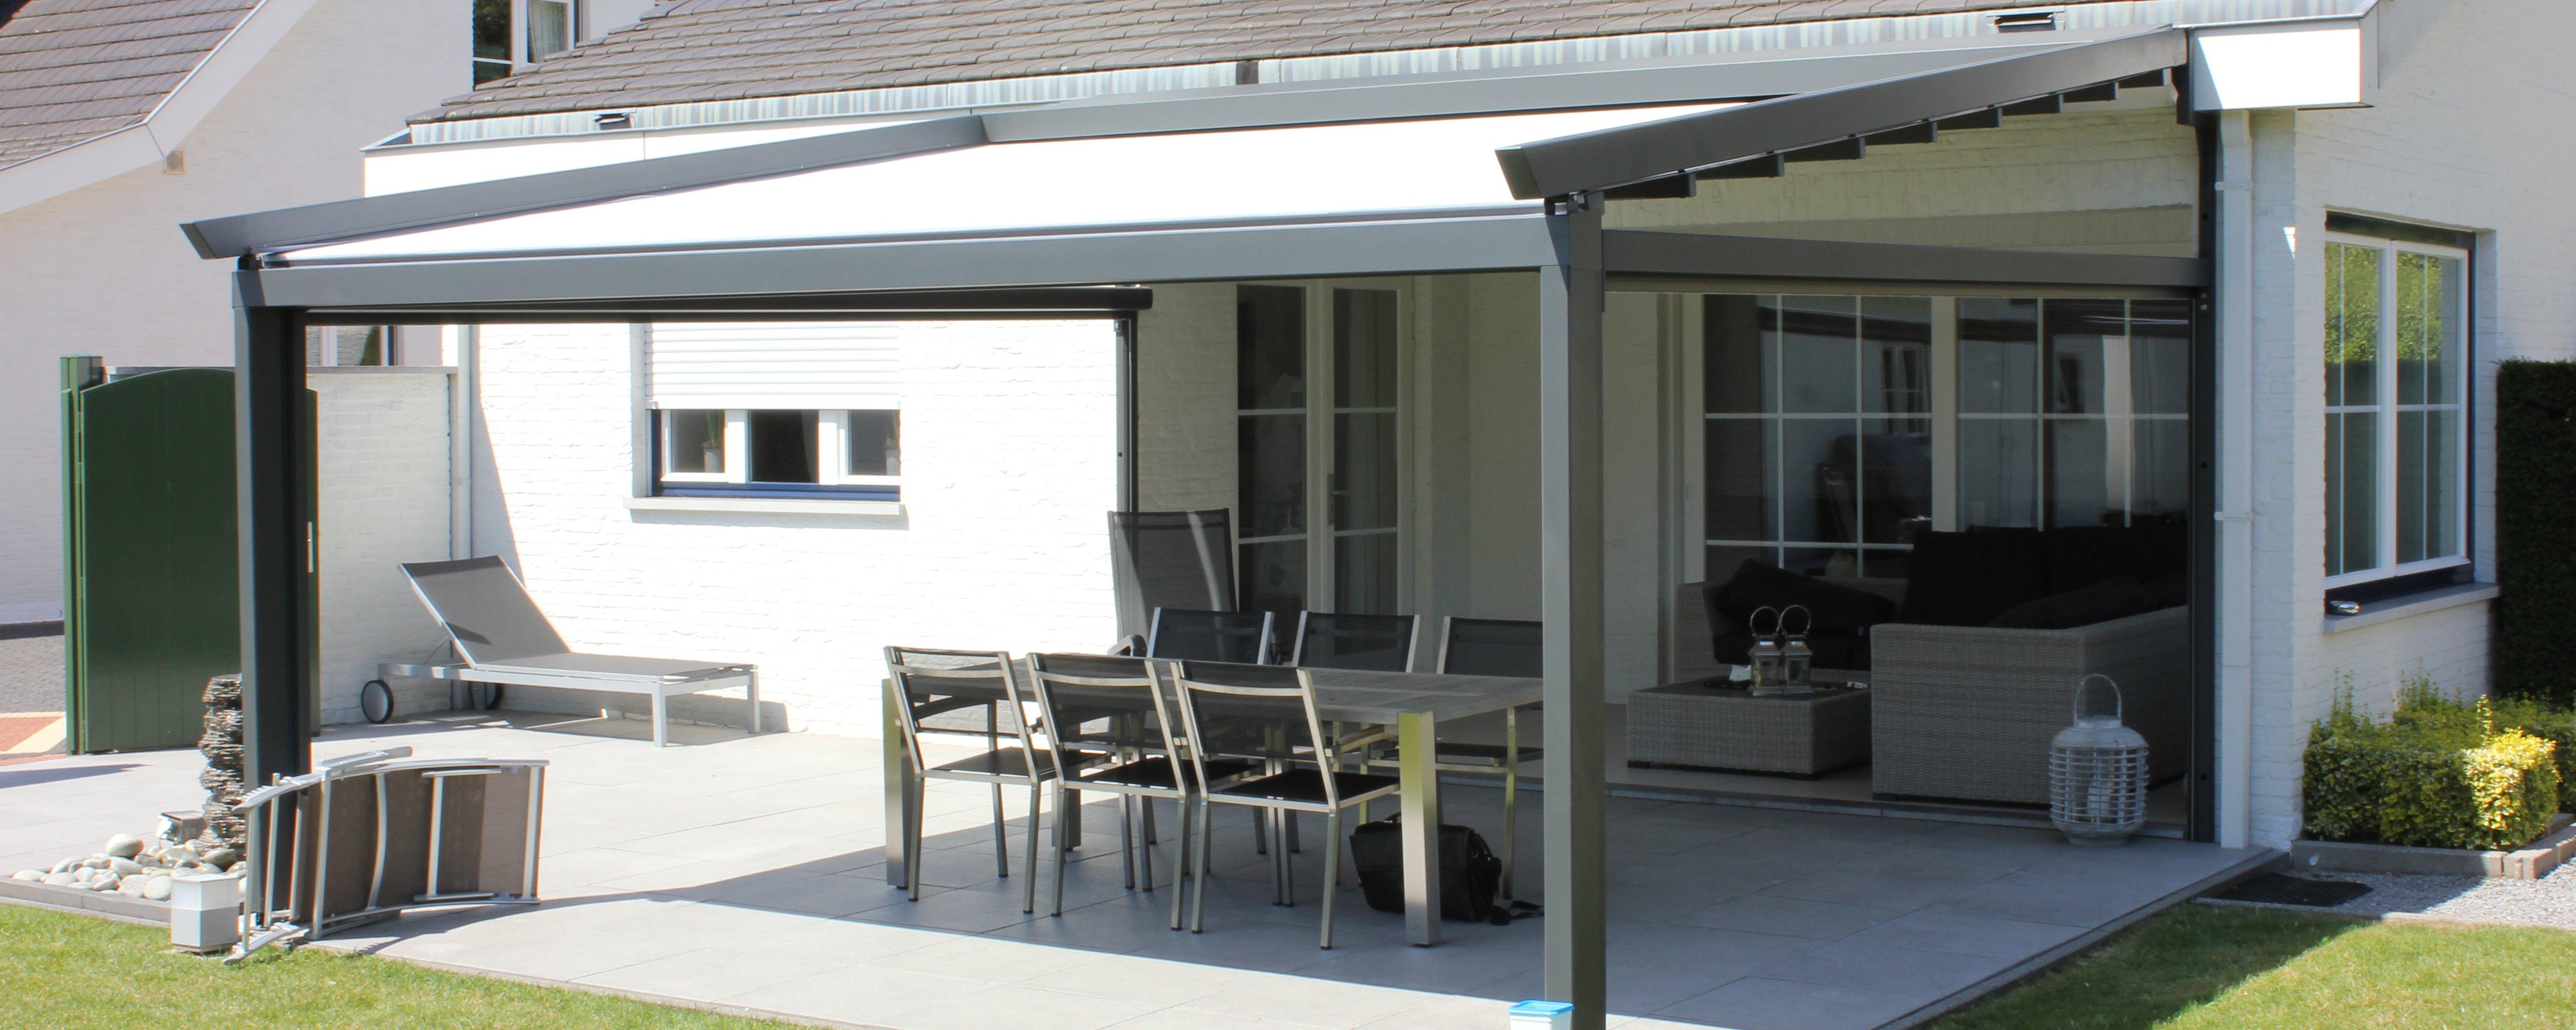 Hazon Products Breda voor alle zonwering knikarmschermen kozijnen rolluiken screens markiezen terrasoverkappingen uitvalschermen en garagedeuren